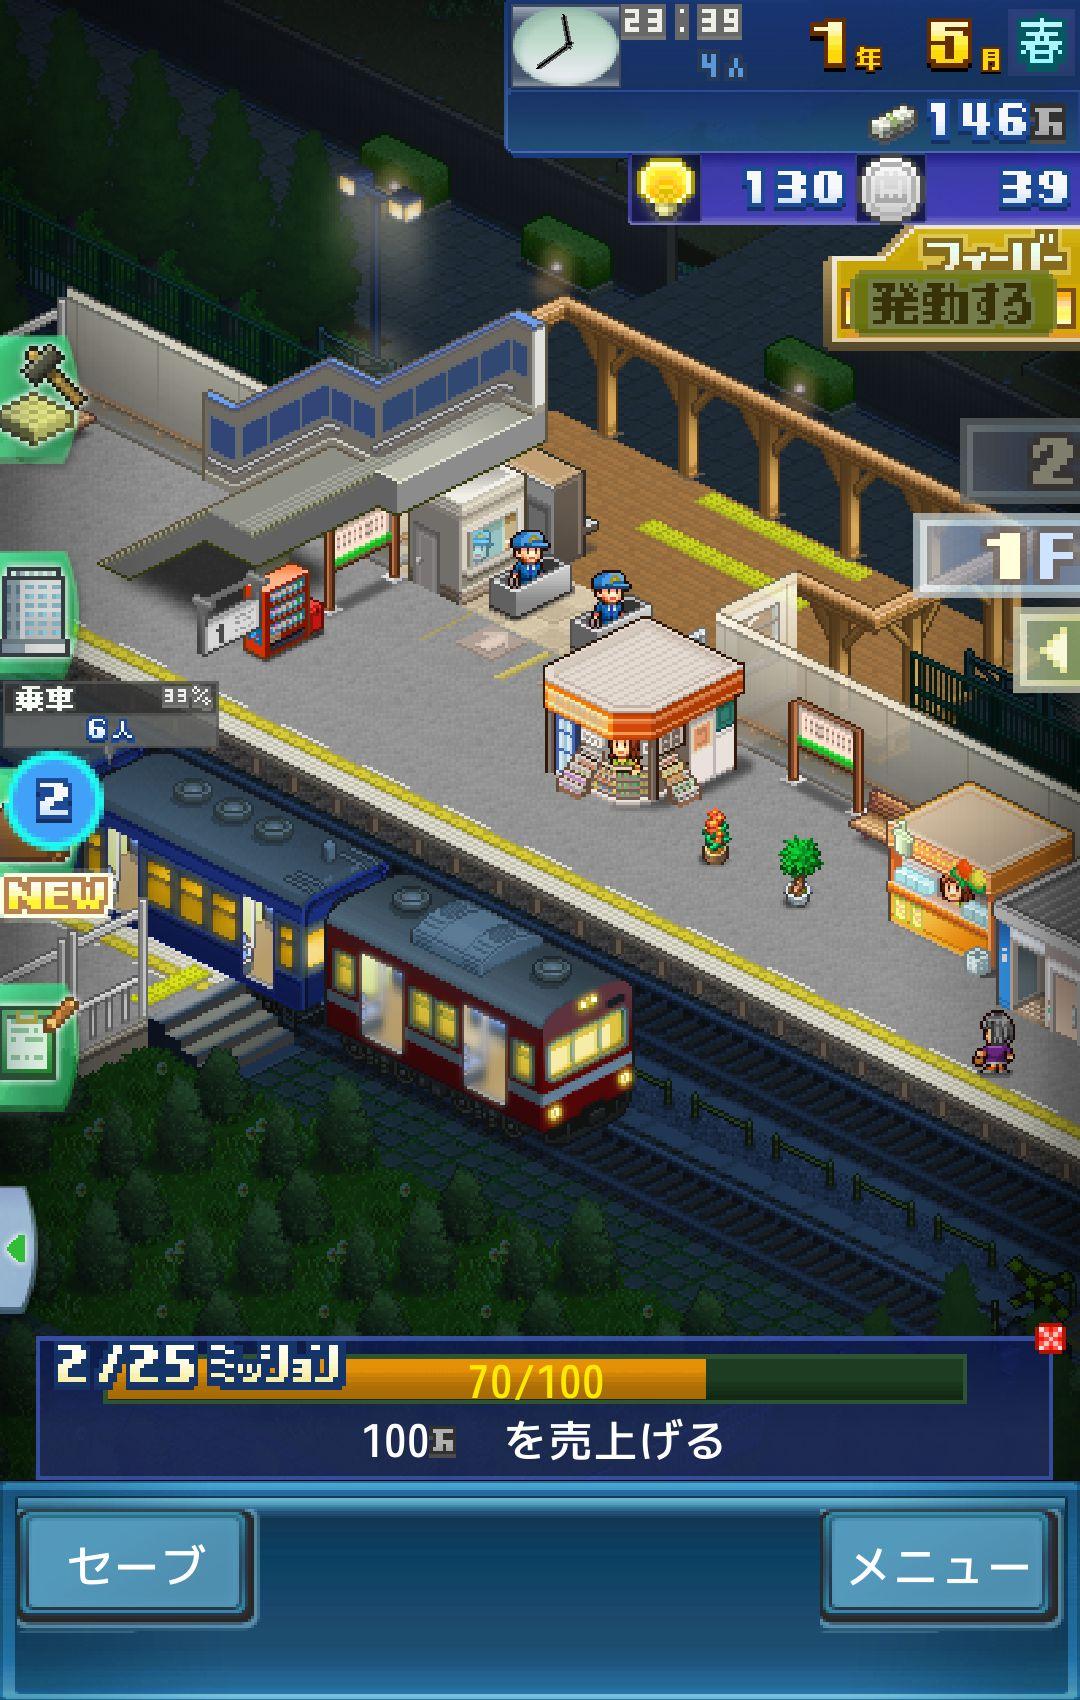 箱庭シティ鉄道 androidアプリスクリーンショット1